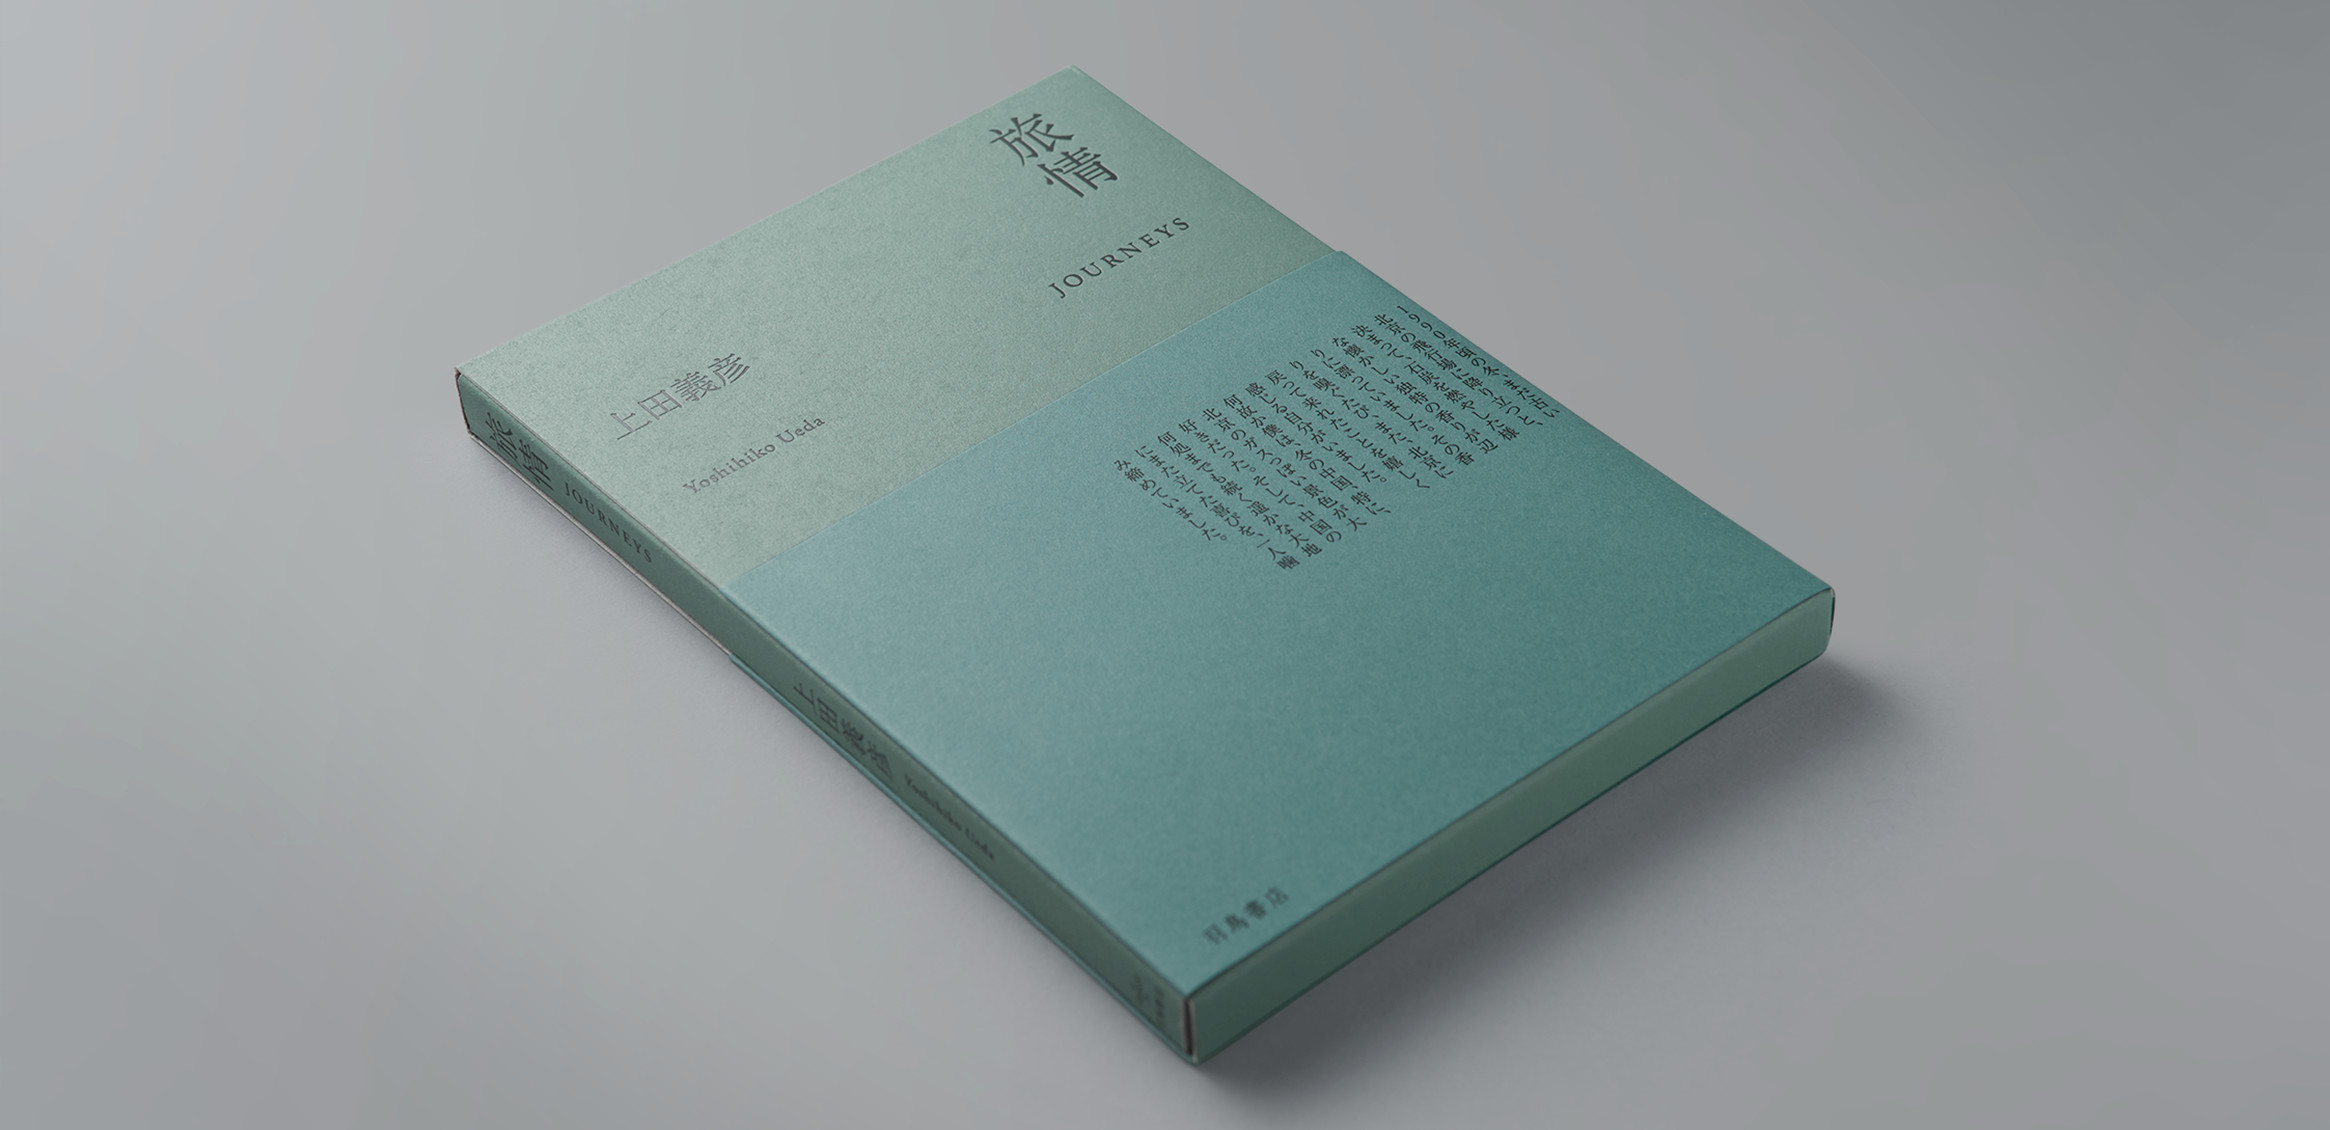 上田義彦写真集『旅情』6枚目